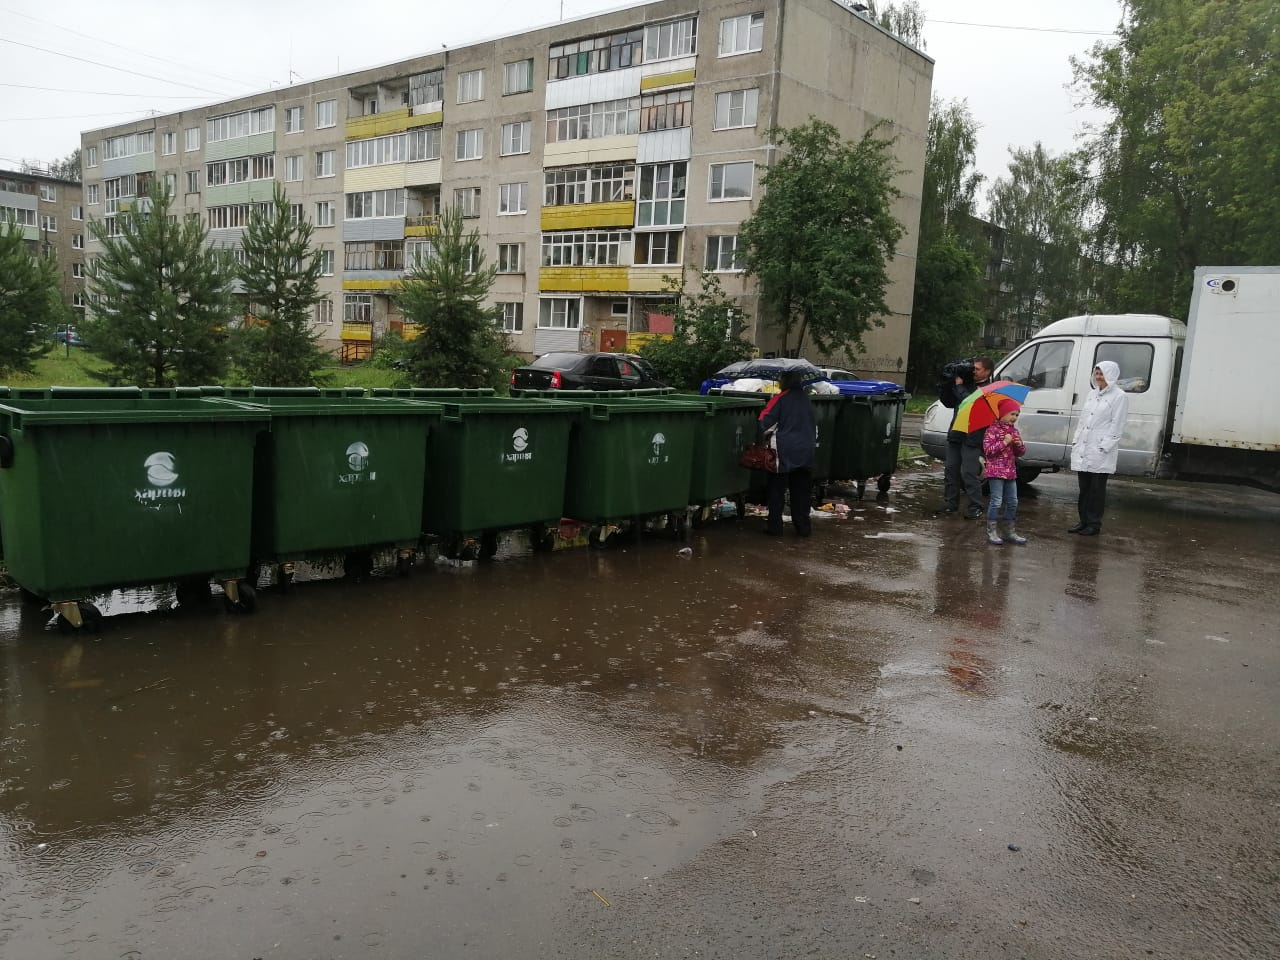 В Рыбинске проверили содержание контейнерных площадок: какие нарушения нашли